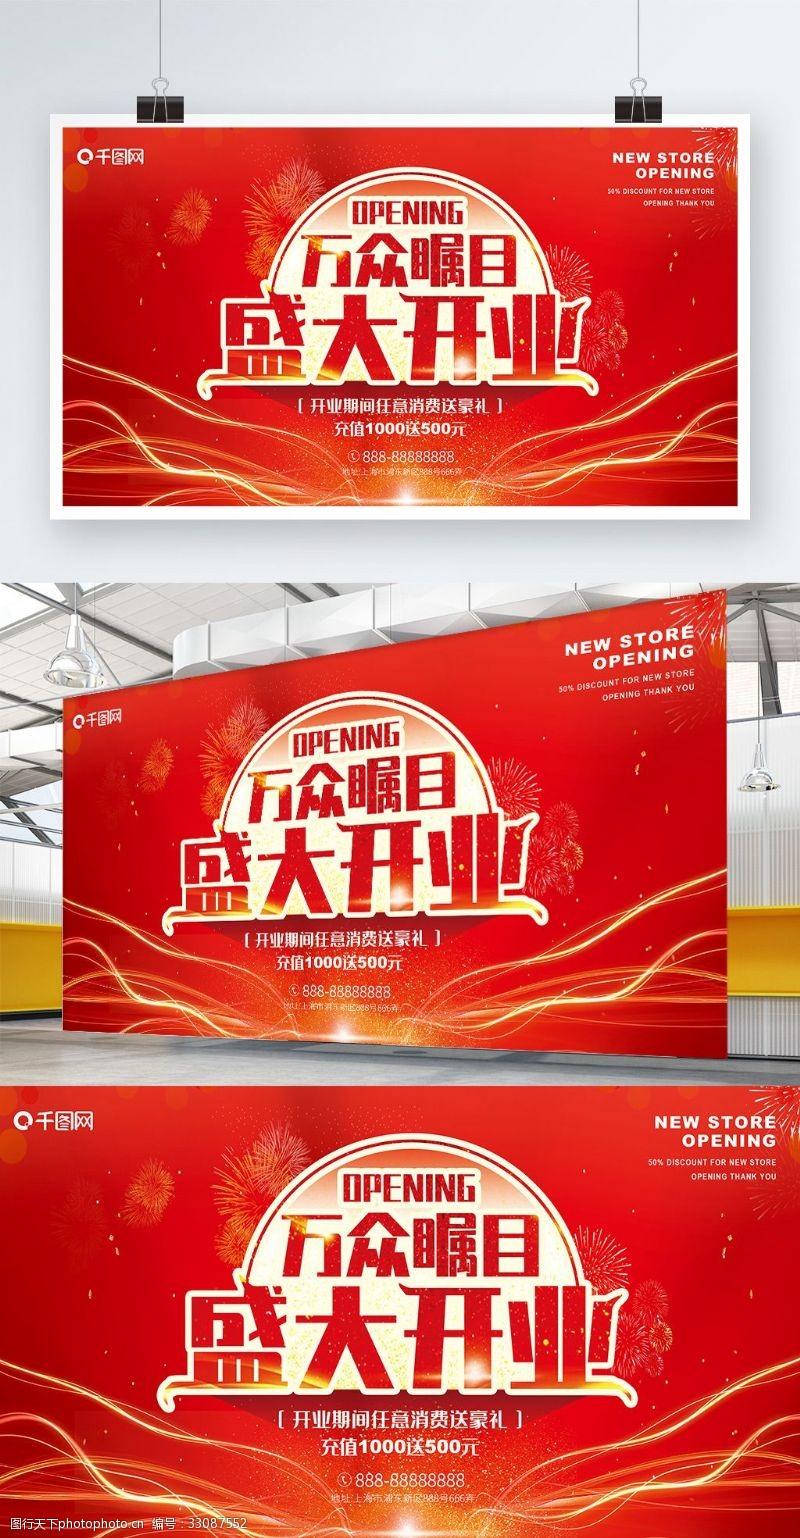 开张海报红色喜庆新店盛大开业海报